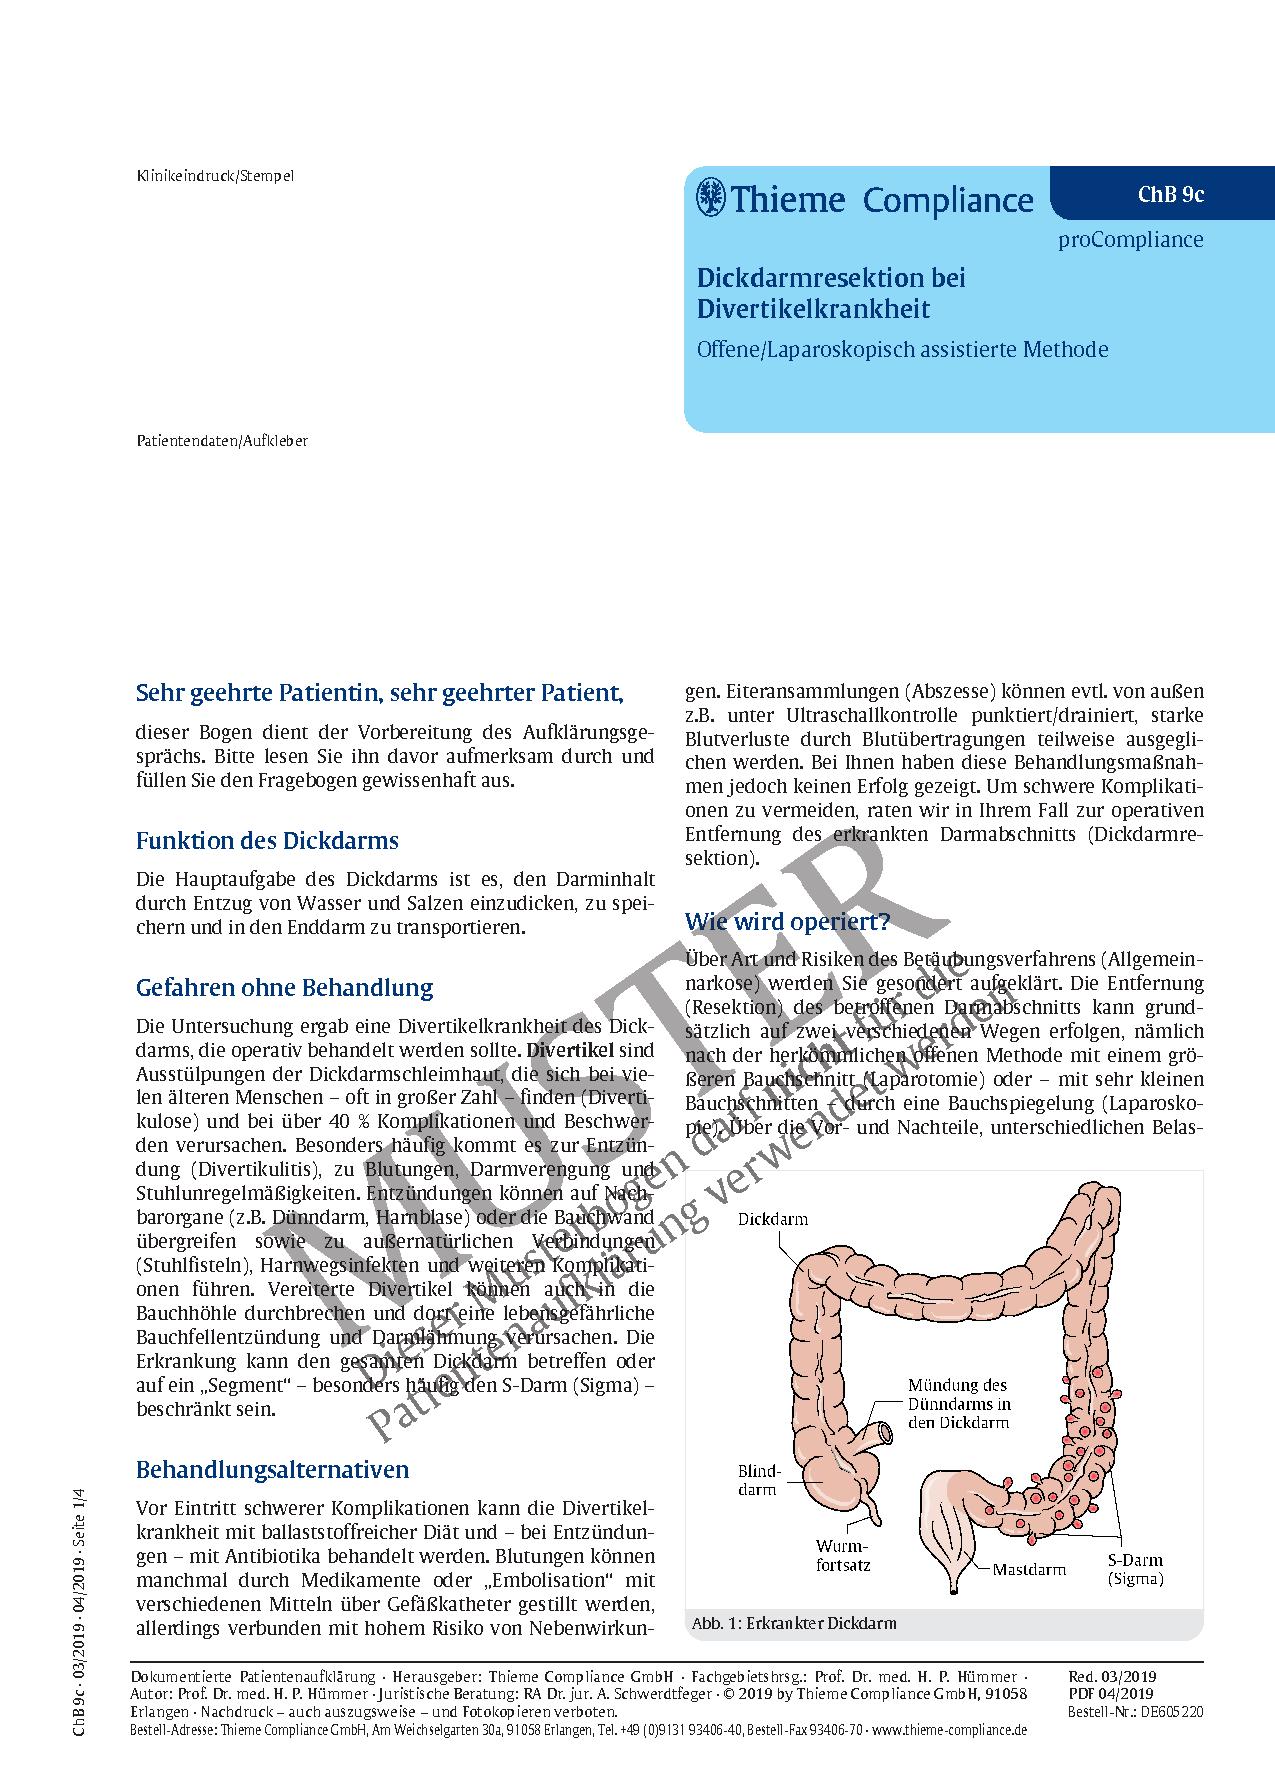 Großzügig Dickdarm Funktion Galerie - Physiologie Von Menschlichen ...